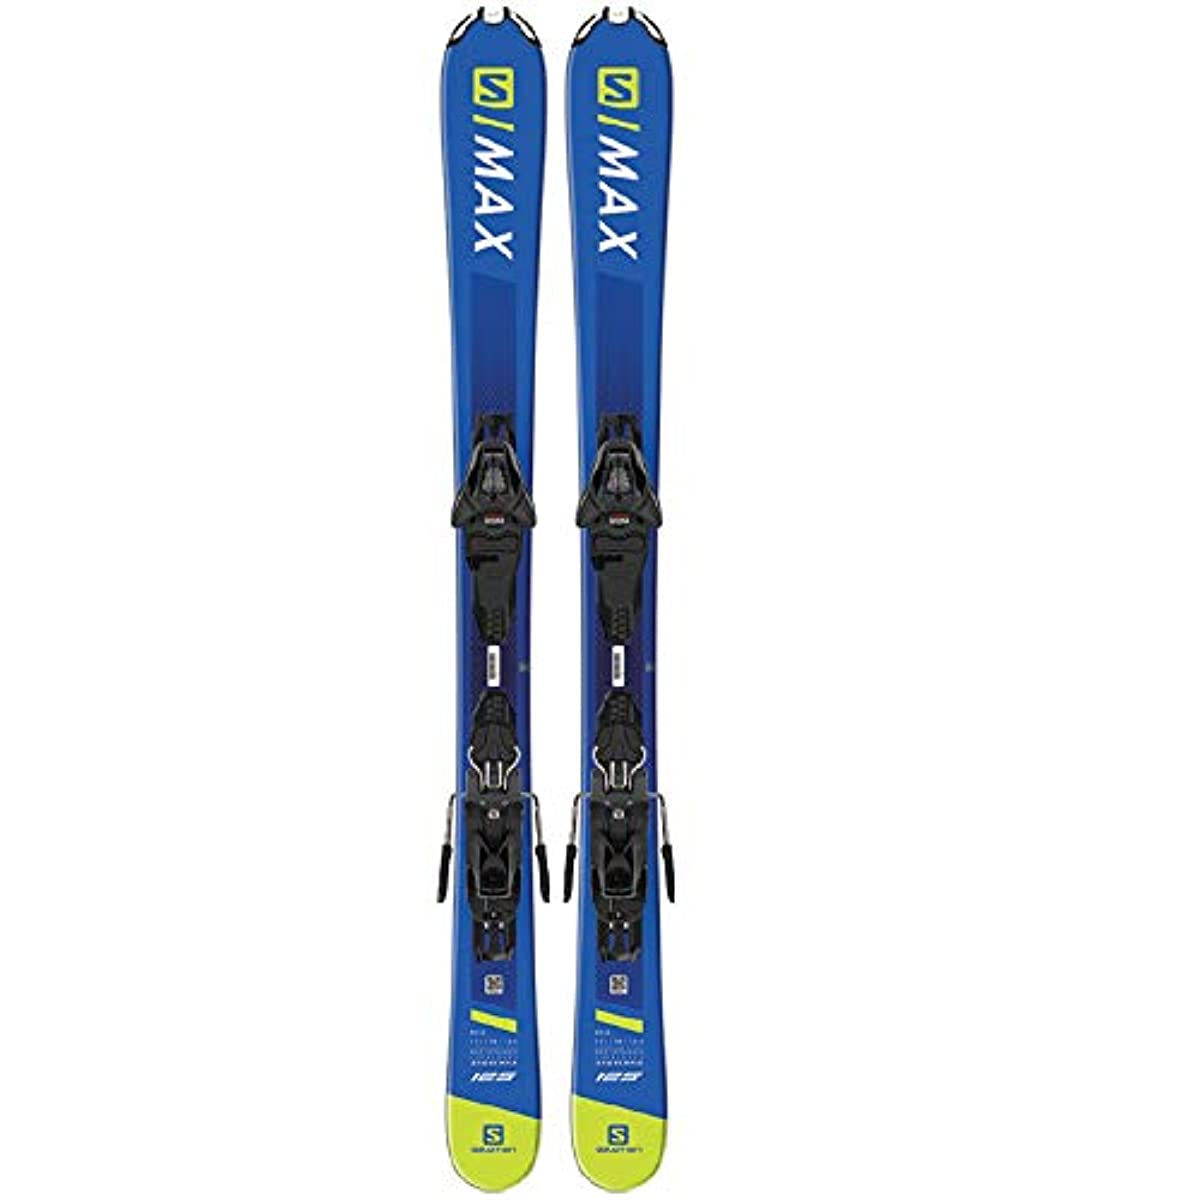 [해외] 살로몬SALOMON 스키 스키 판 2019-20년 모델  빈딩 부착  SHORTMAX 120 + L10 GW 쇼트 맥스 L40882200125/L40589900125 BLUE/YELLOW 3~10 개방치 선택